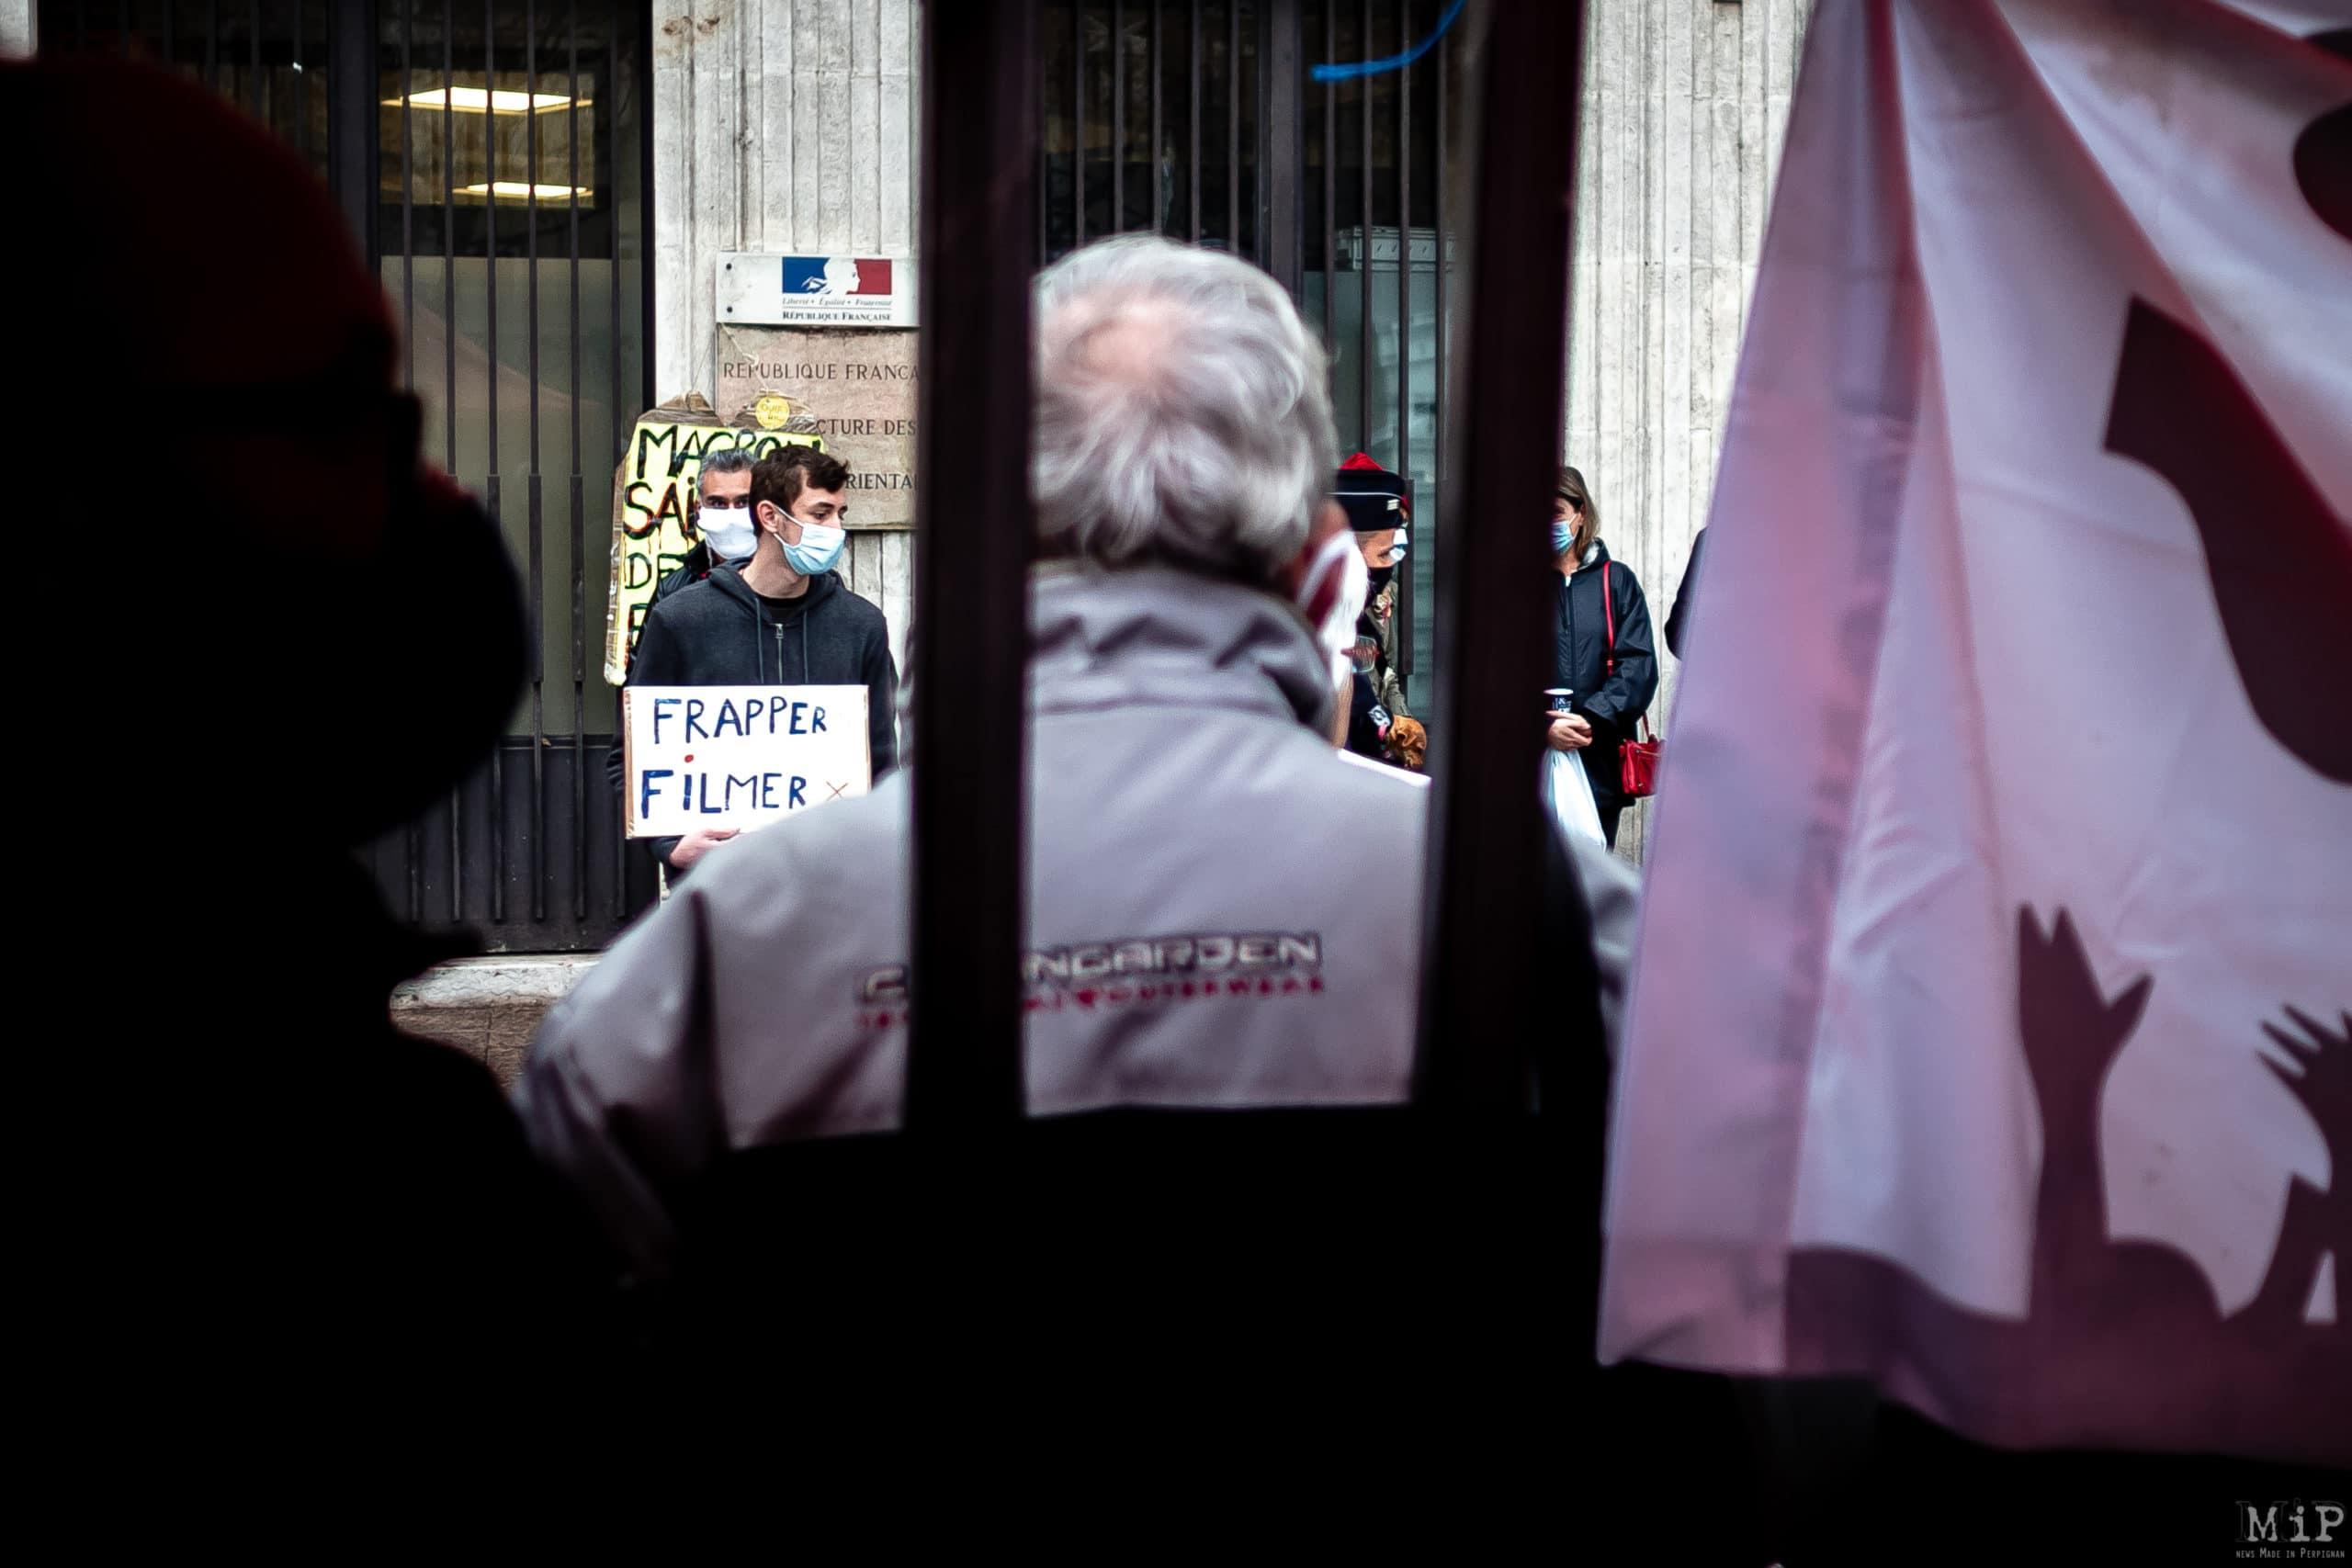 27/11/2020, Perpignan, France, Manifestation loi sécurité globale © Arnaud Le Vu / MiP